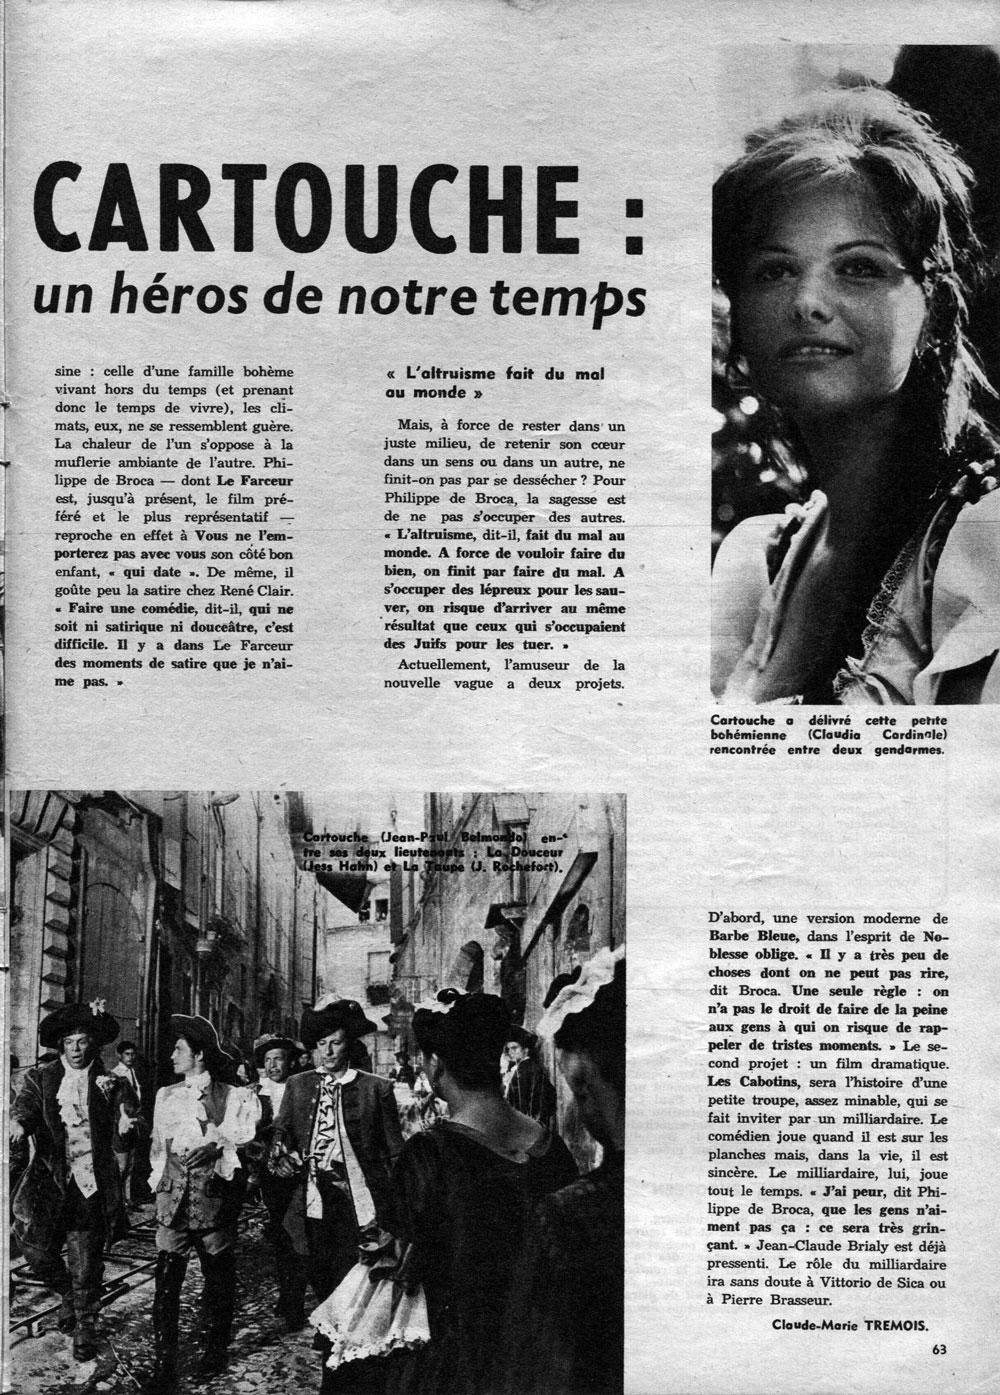 TELERAMA-608-10-09-1961-cartouche2WEB